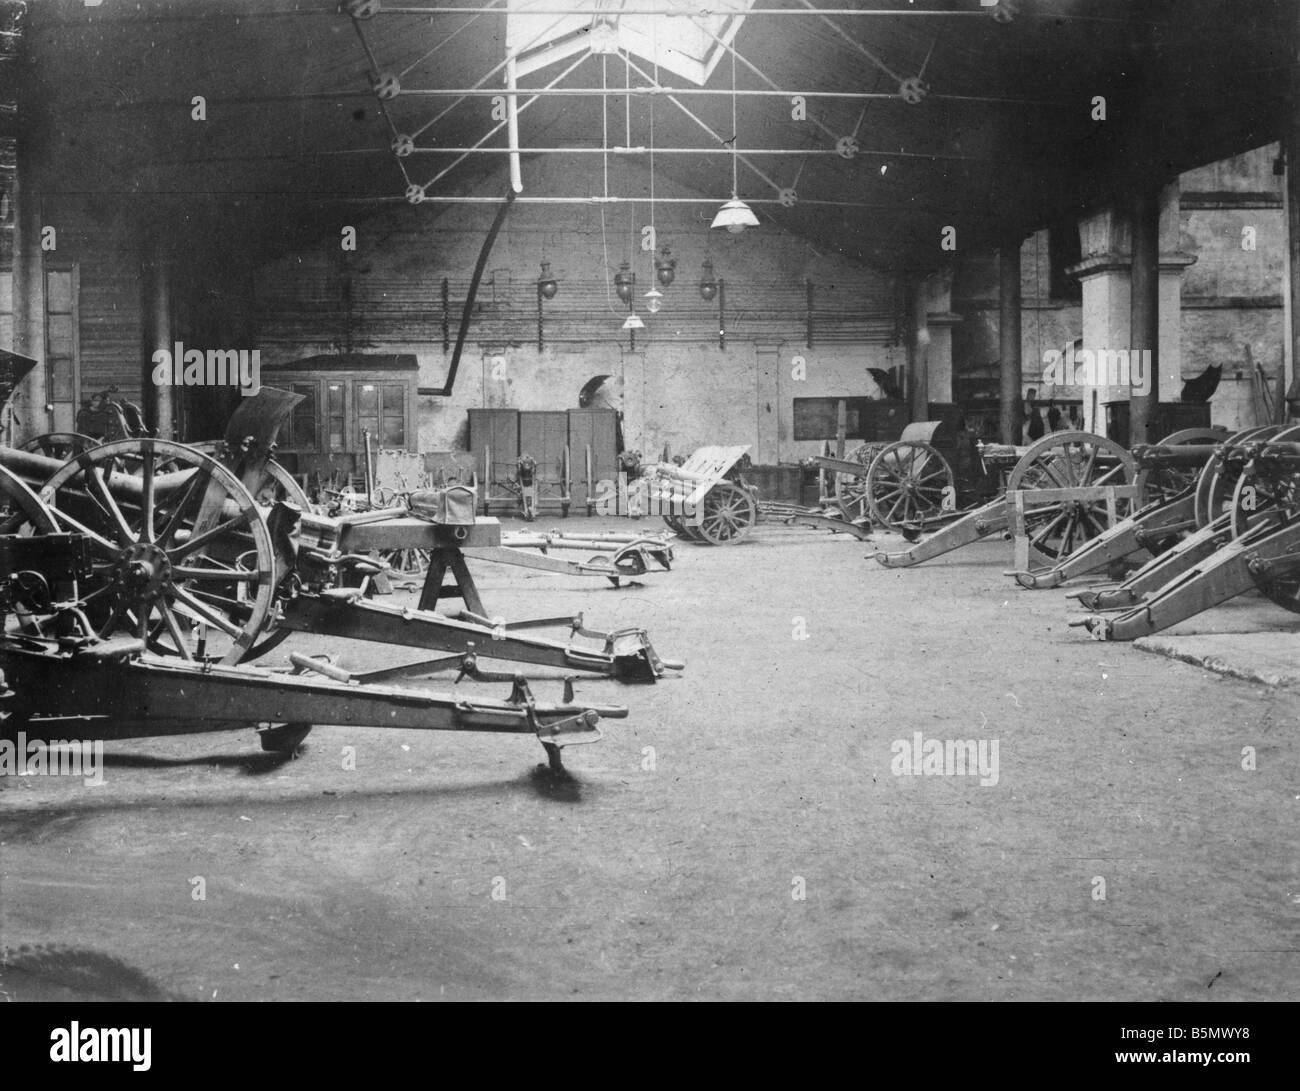 9TK 1916 0 0 A1 2 Waffe Fabriken Türkei Herbst 1916 Geschichte der Türkei 1. Weltkrieg Waffe Waffe und Stockbild